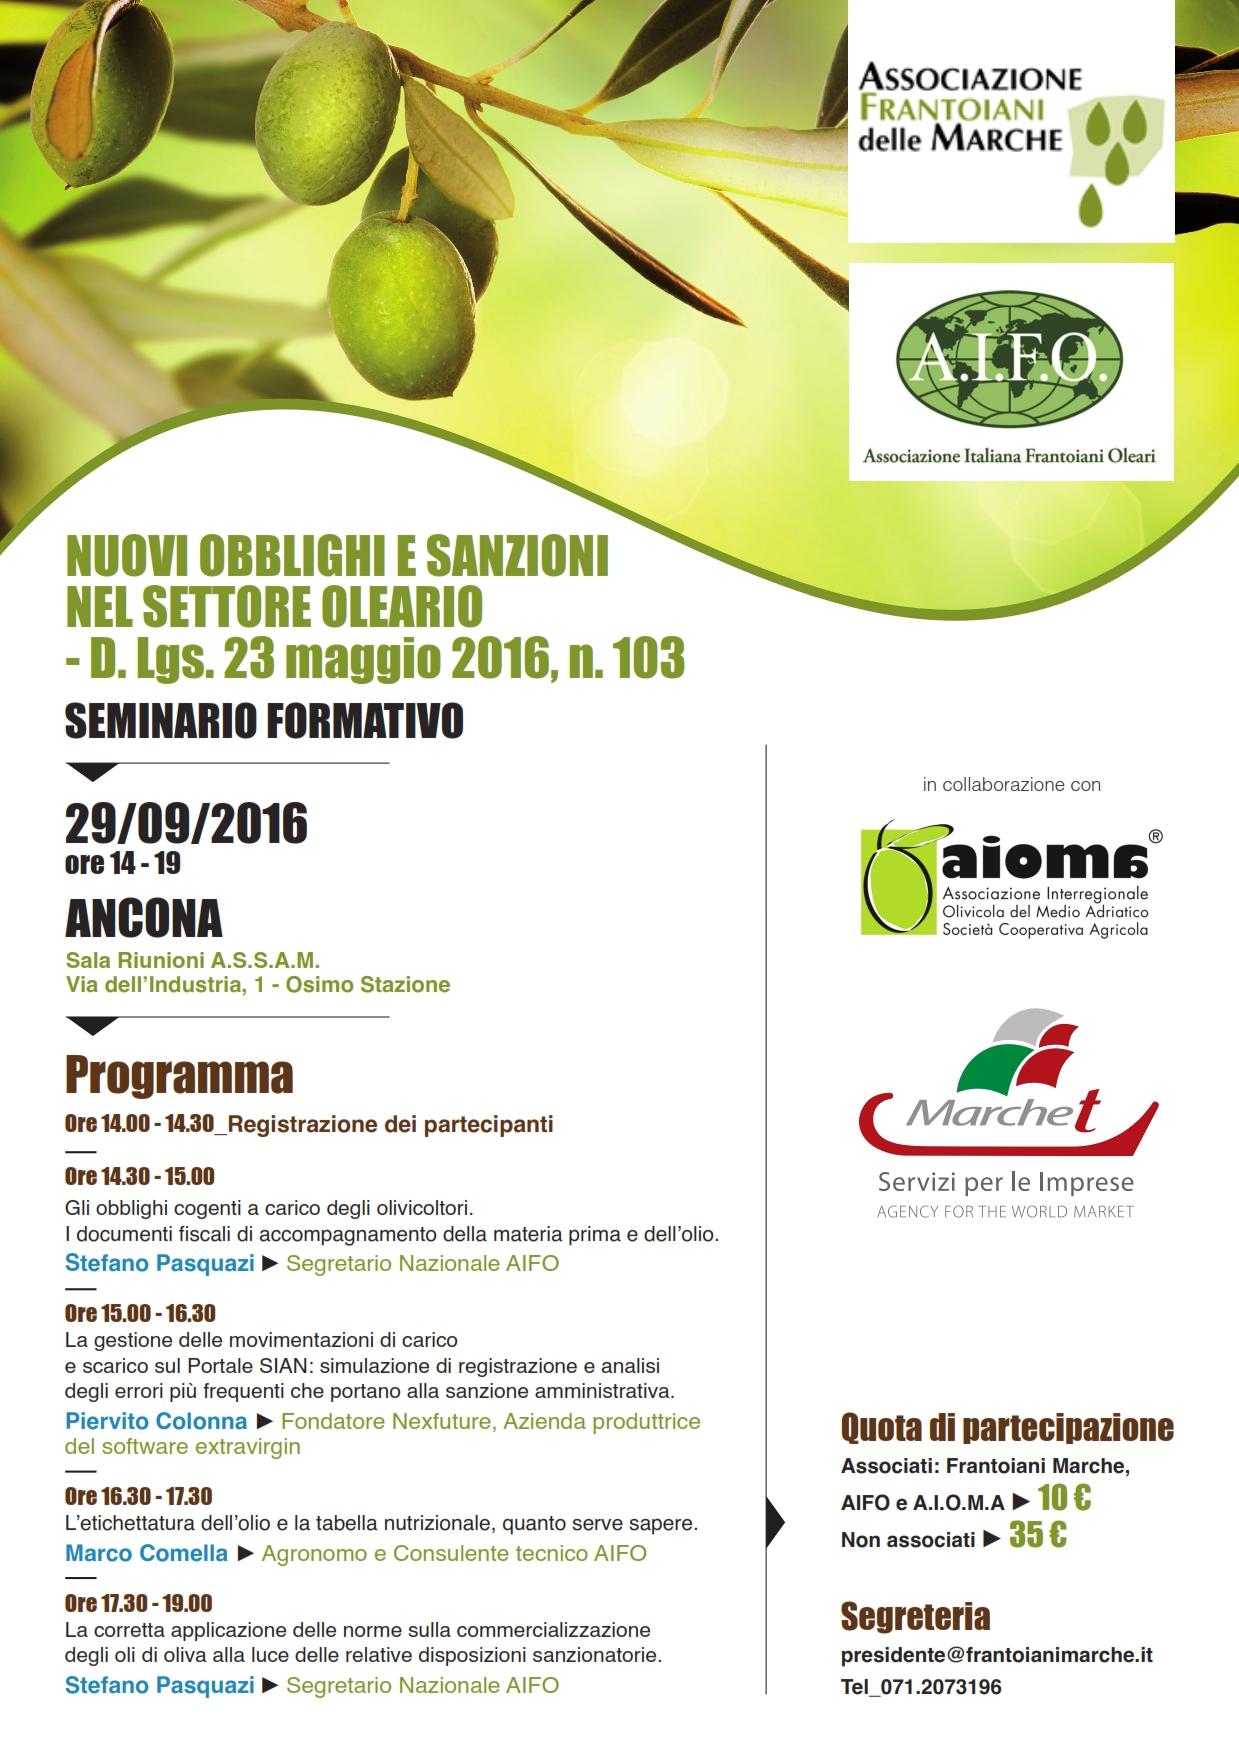 locandina-incontro-29-09-16-assam_001